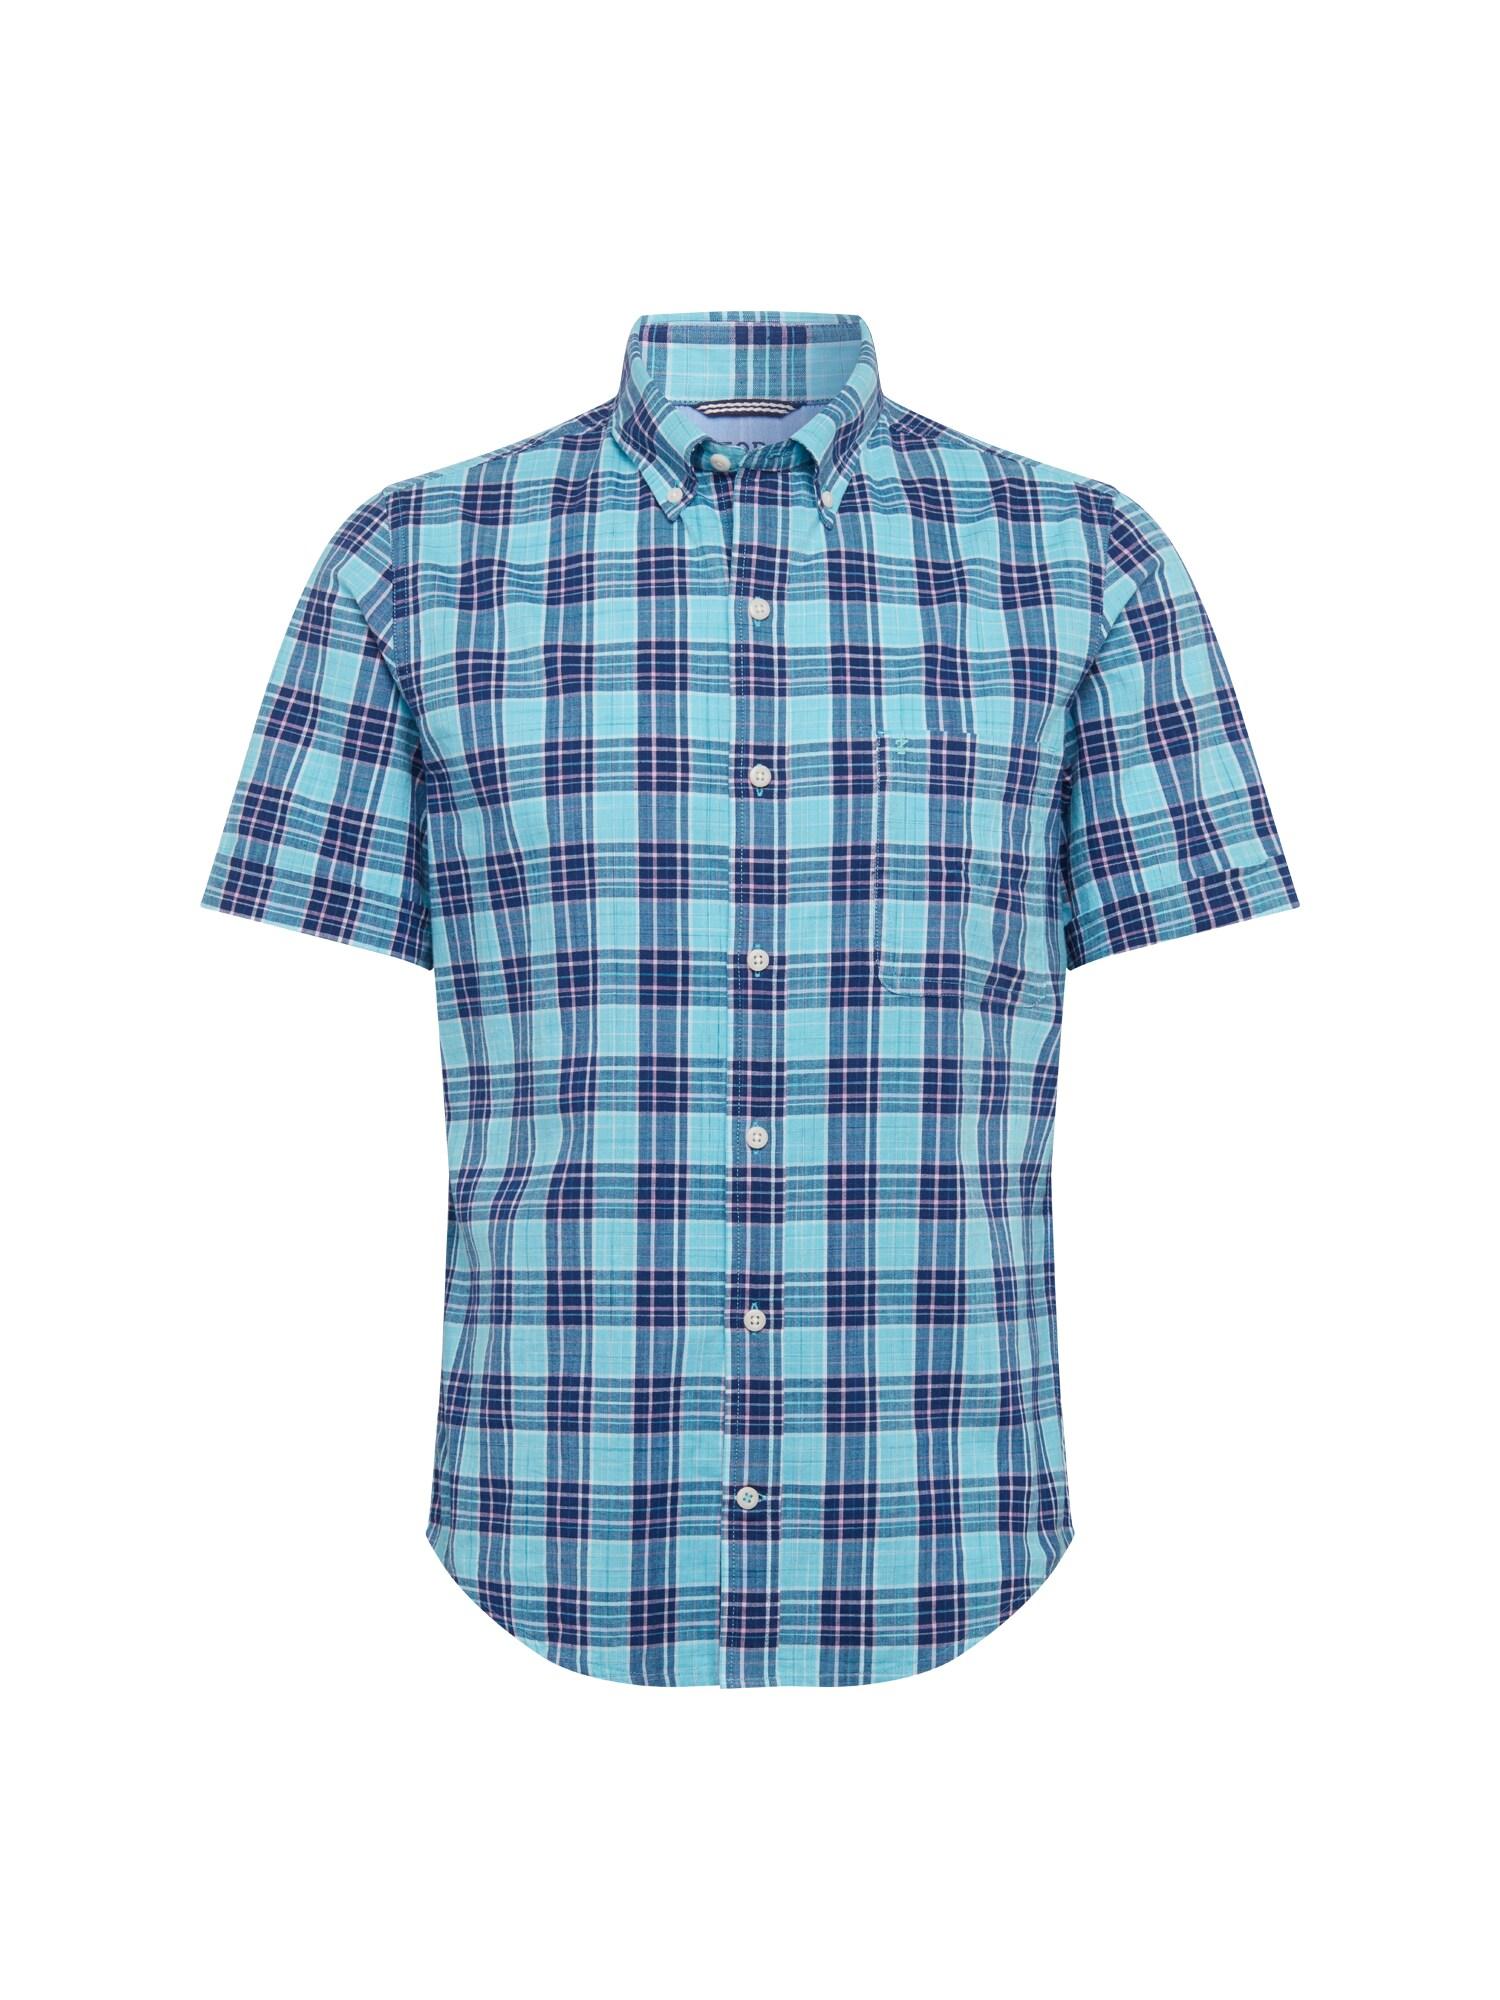 Košile DOCKSIDE CHAMBRAY PLAID SS SHIRT modrá IZOD